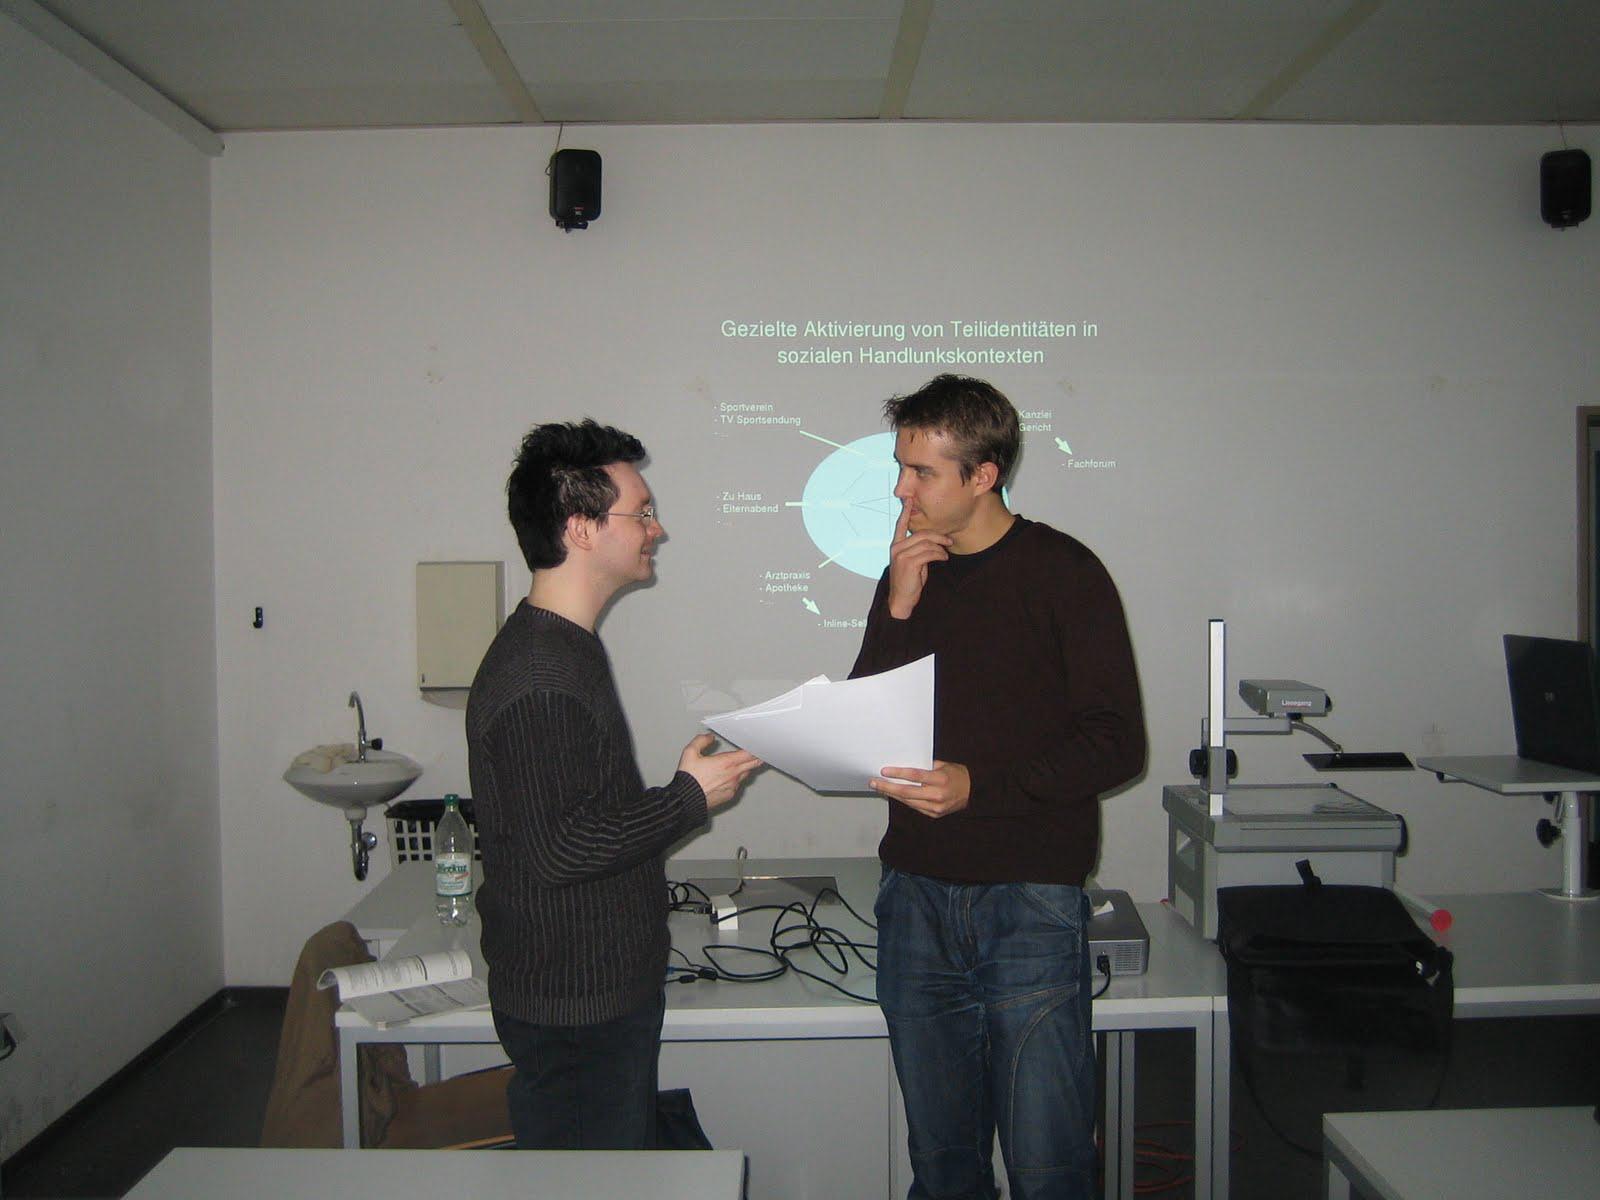 Marc Tönsing (links) und Matthias Senker (rechts) im Kurs Social Software an der Uni Bielefeld